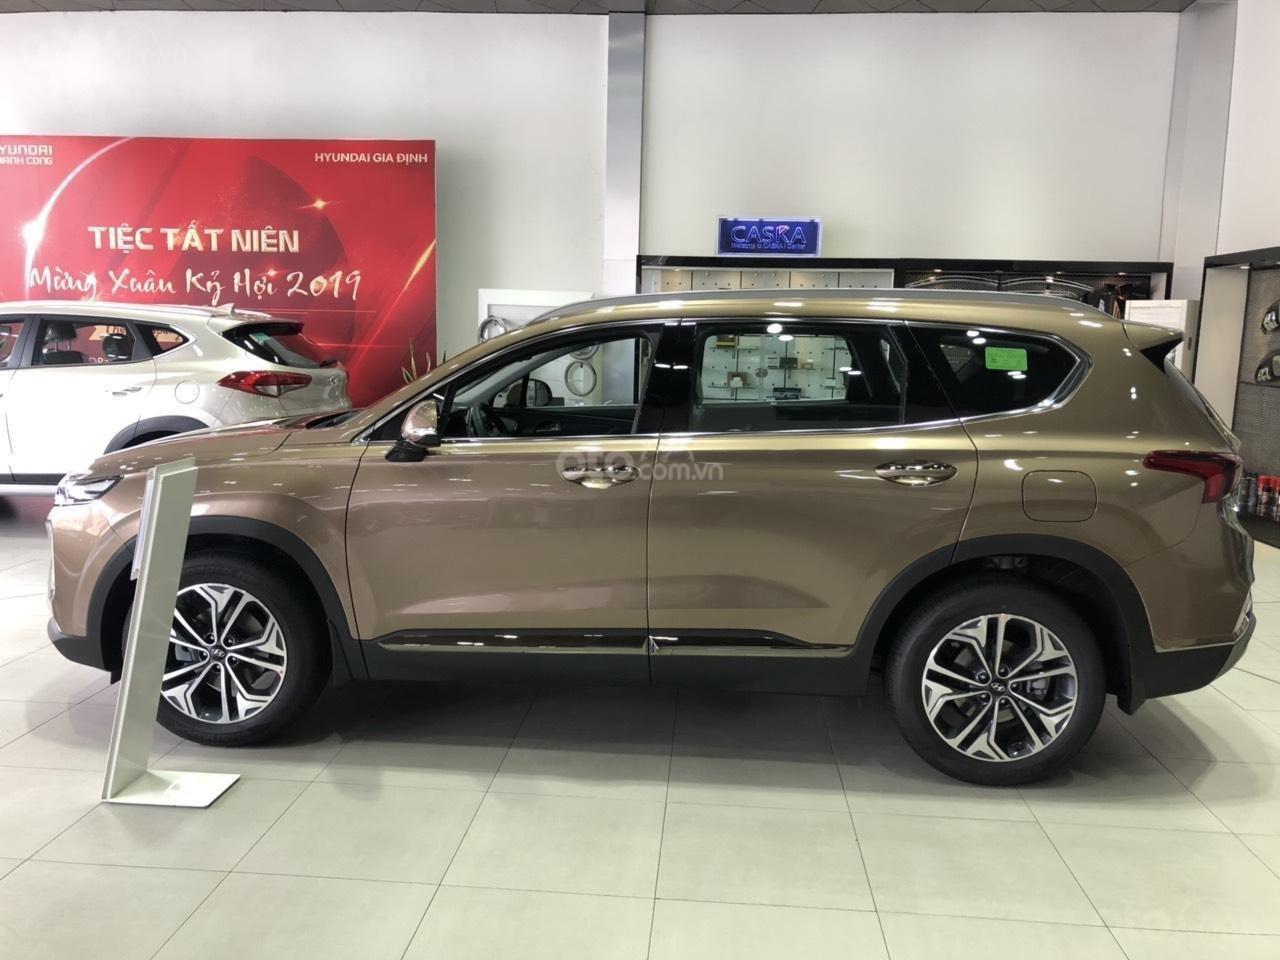 Hyundai Ngọc An bán Hyundai Santa Fe giá tốt, góp 90%, xe đủ màu giao ngay, tặng tiền mặt phụ kiện giá tốt nhất miền Nam (10)